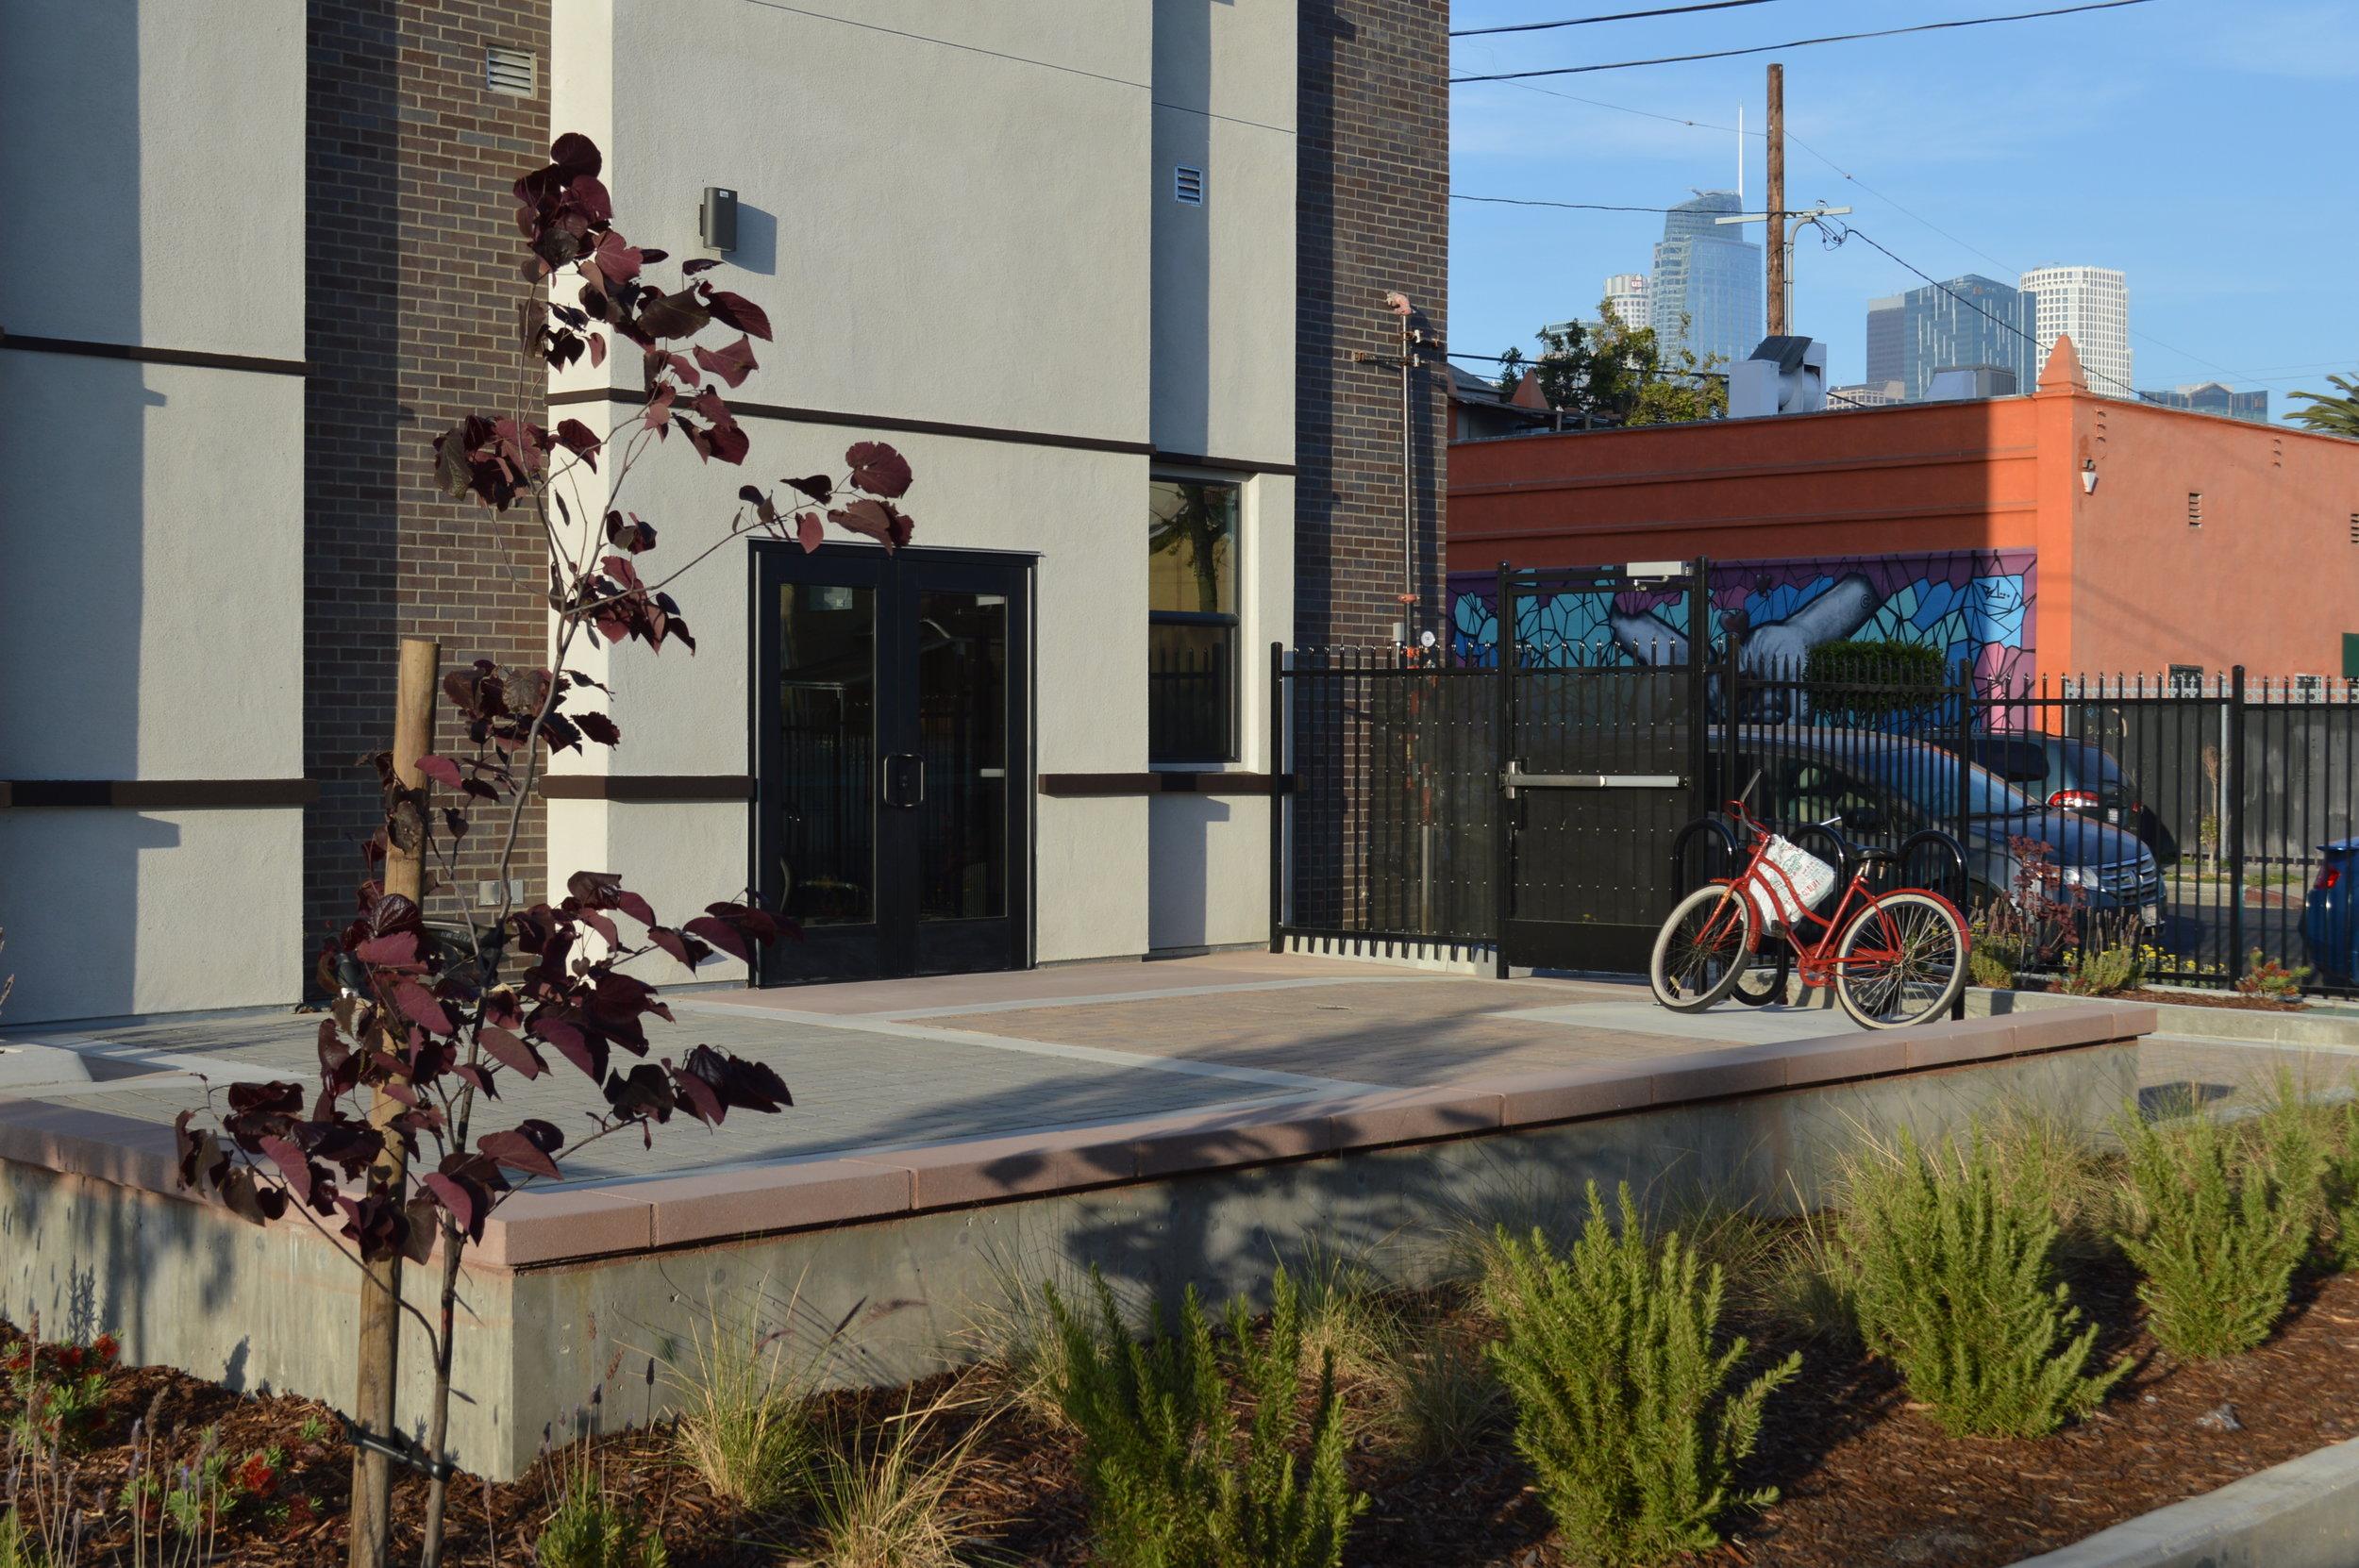 Casa Carmen - Pico Union, Los Angeles